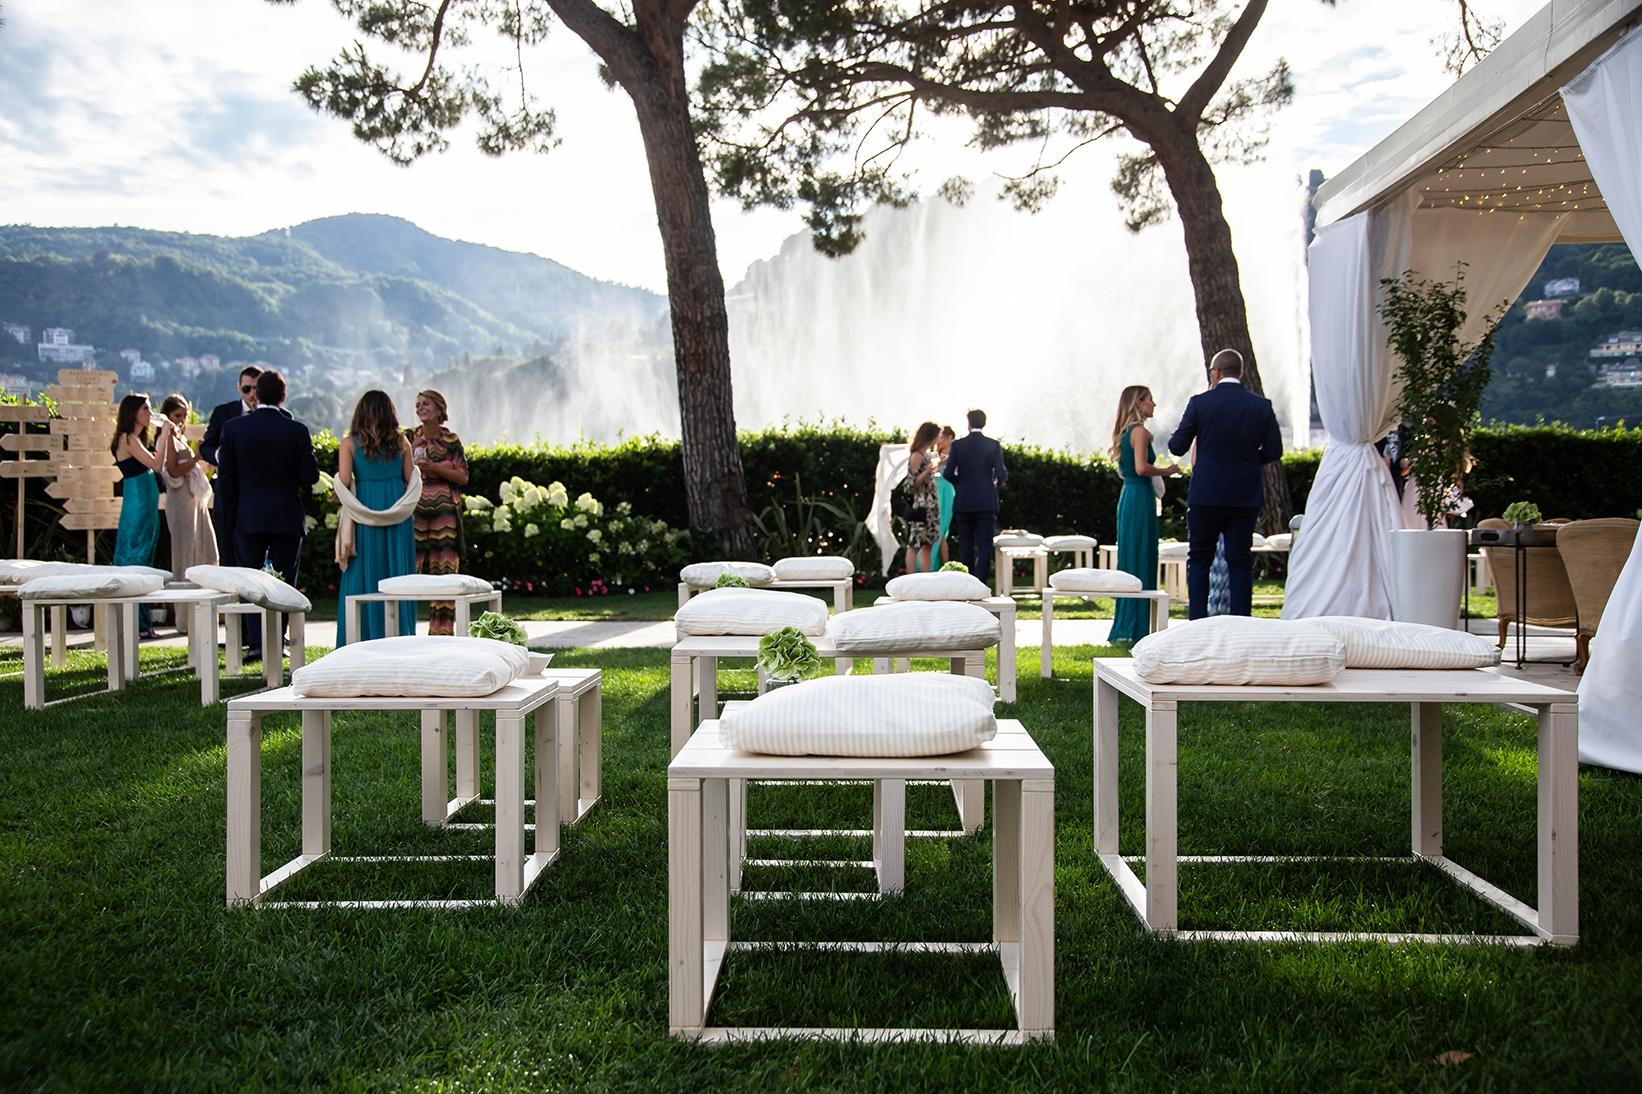 A beautiful wedding at Villa Geno